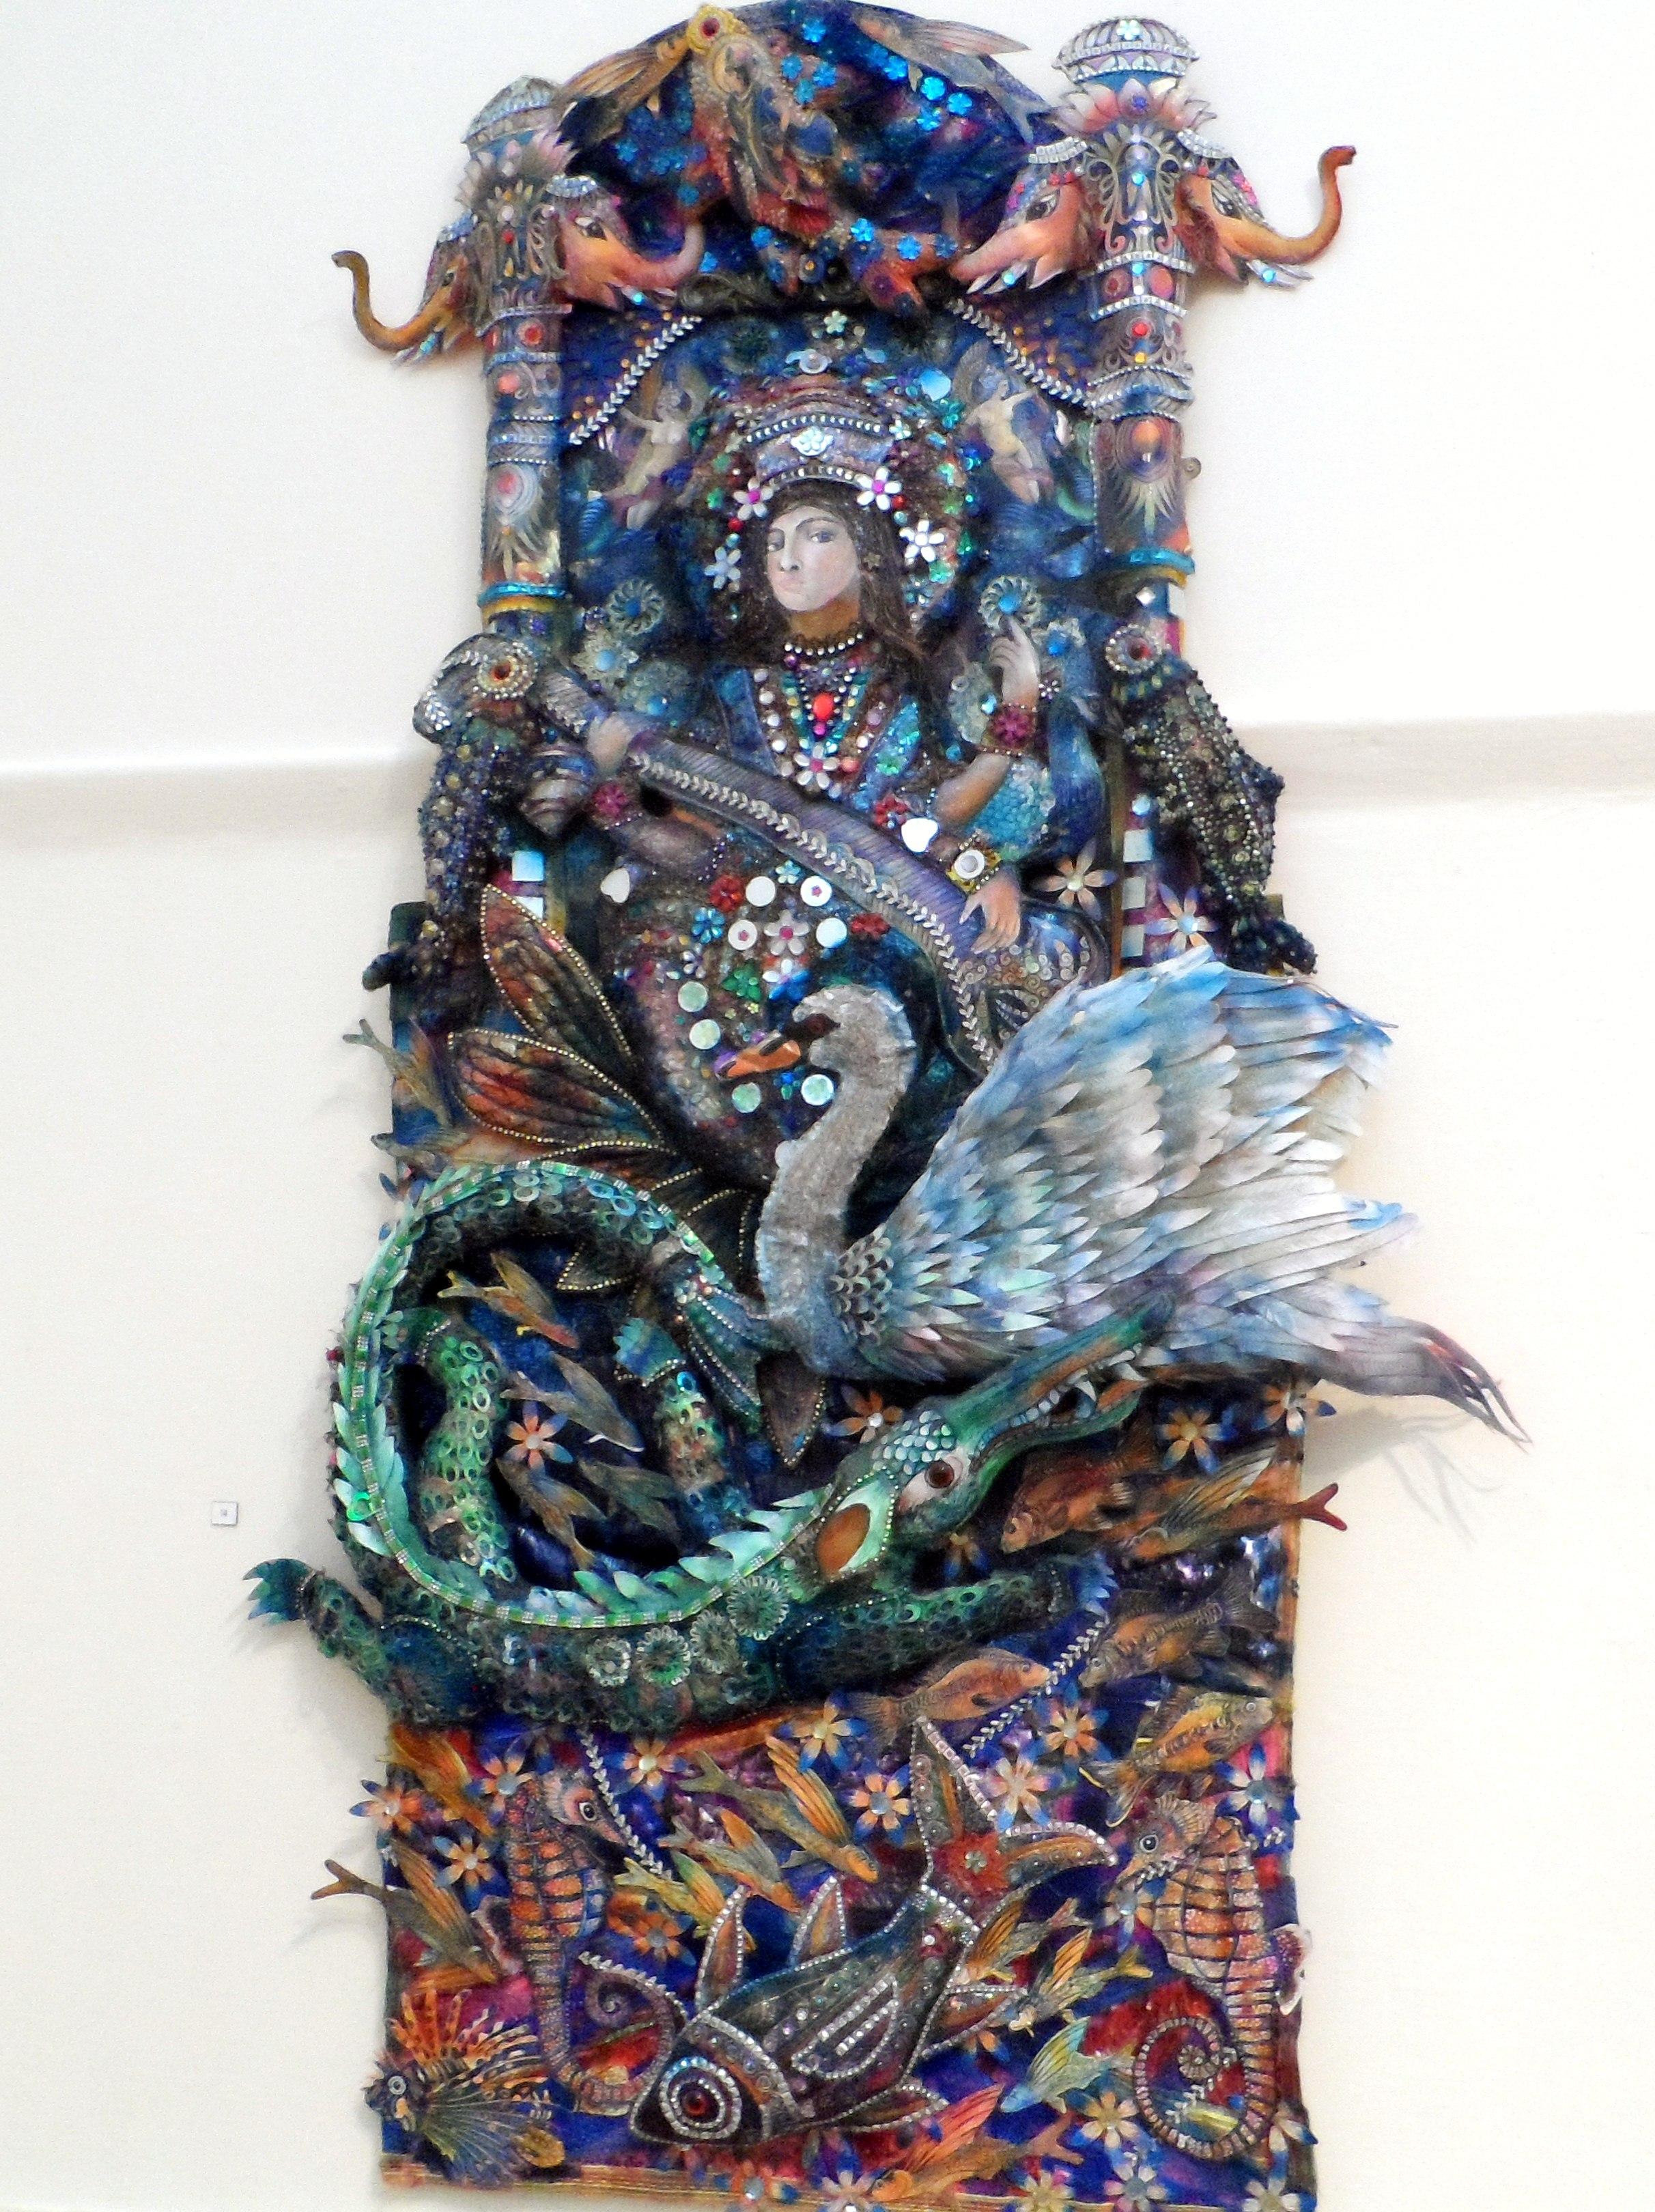 SARASVATI by Nikki Parmenter, Williamson Gallery, 2019